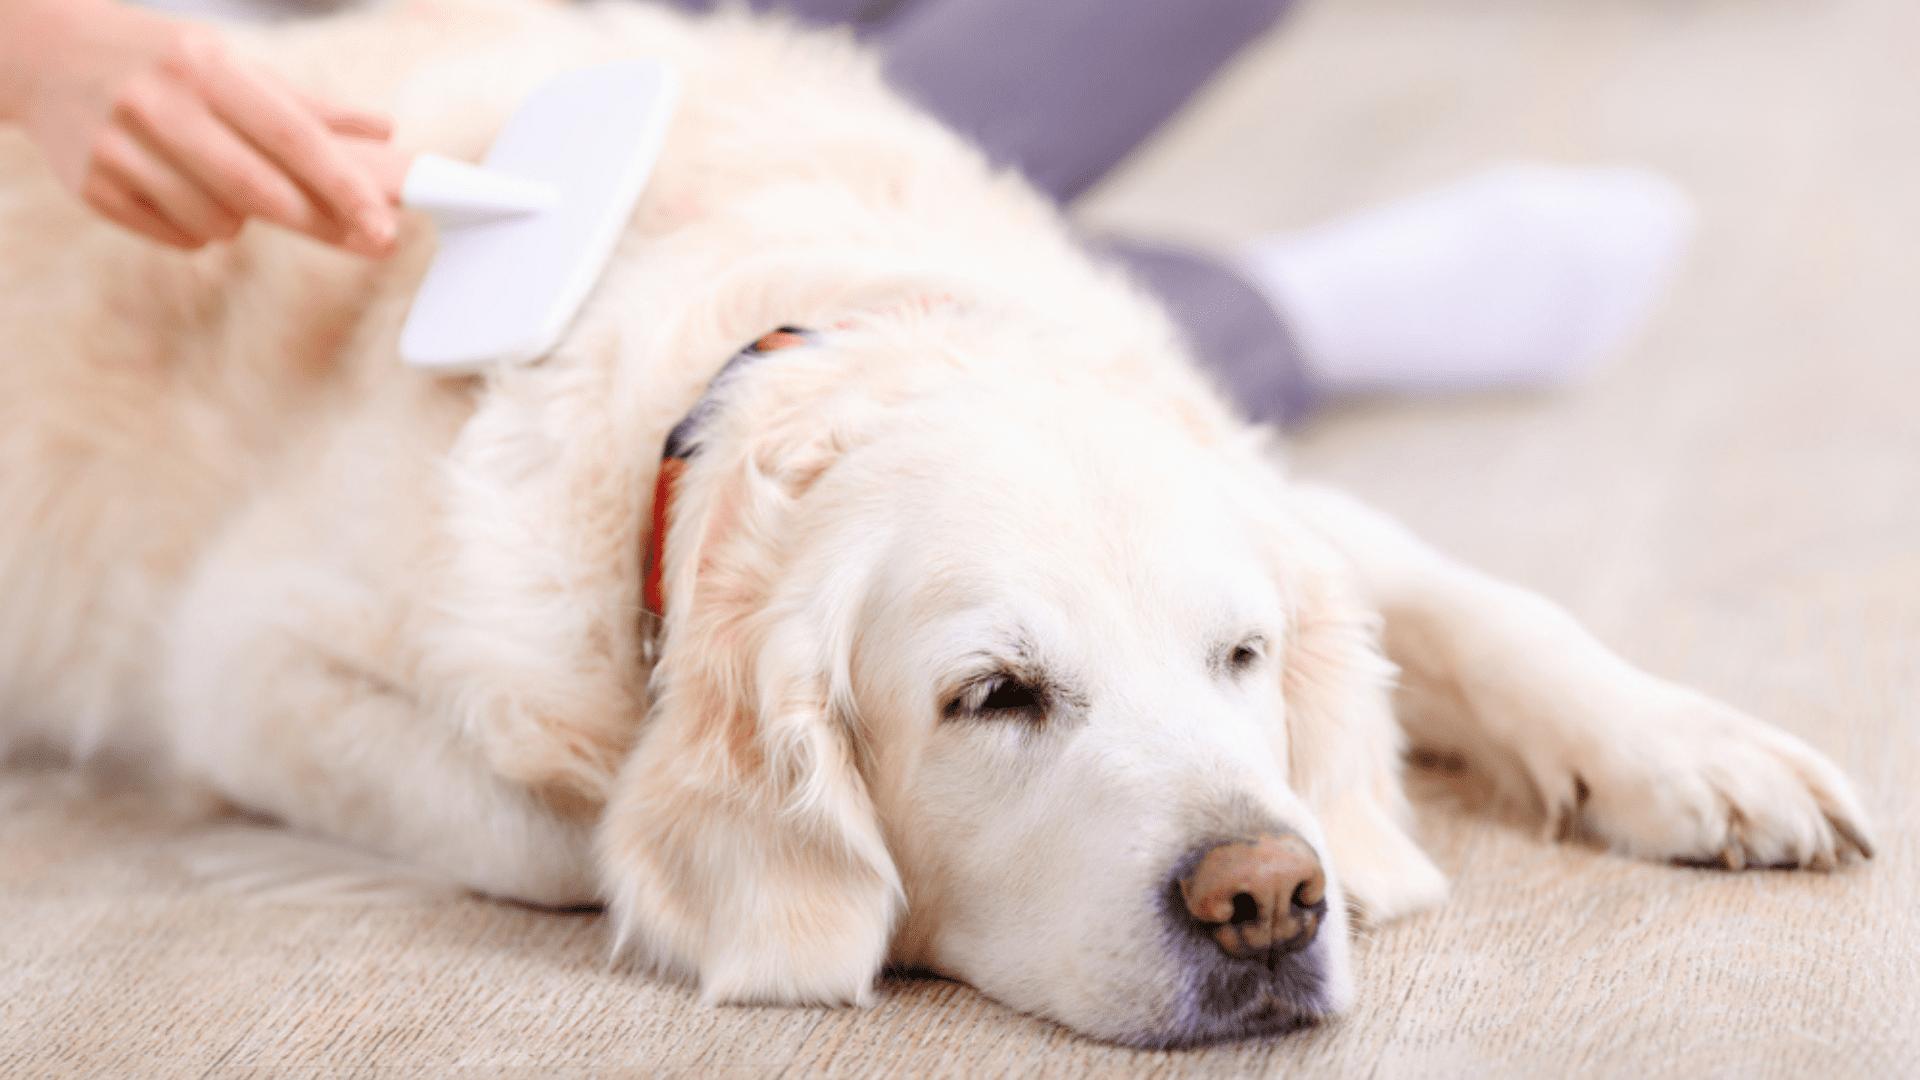 A escova para cachorro varia conforme a quantidade de pelos do cão (Reprodução/Shutterstock)